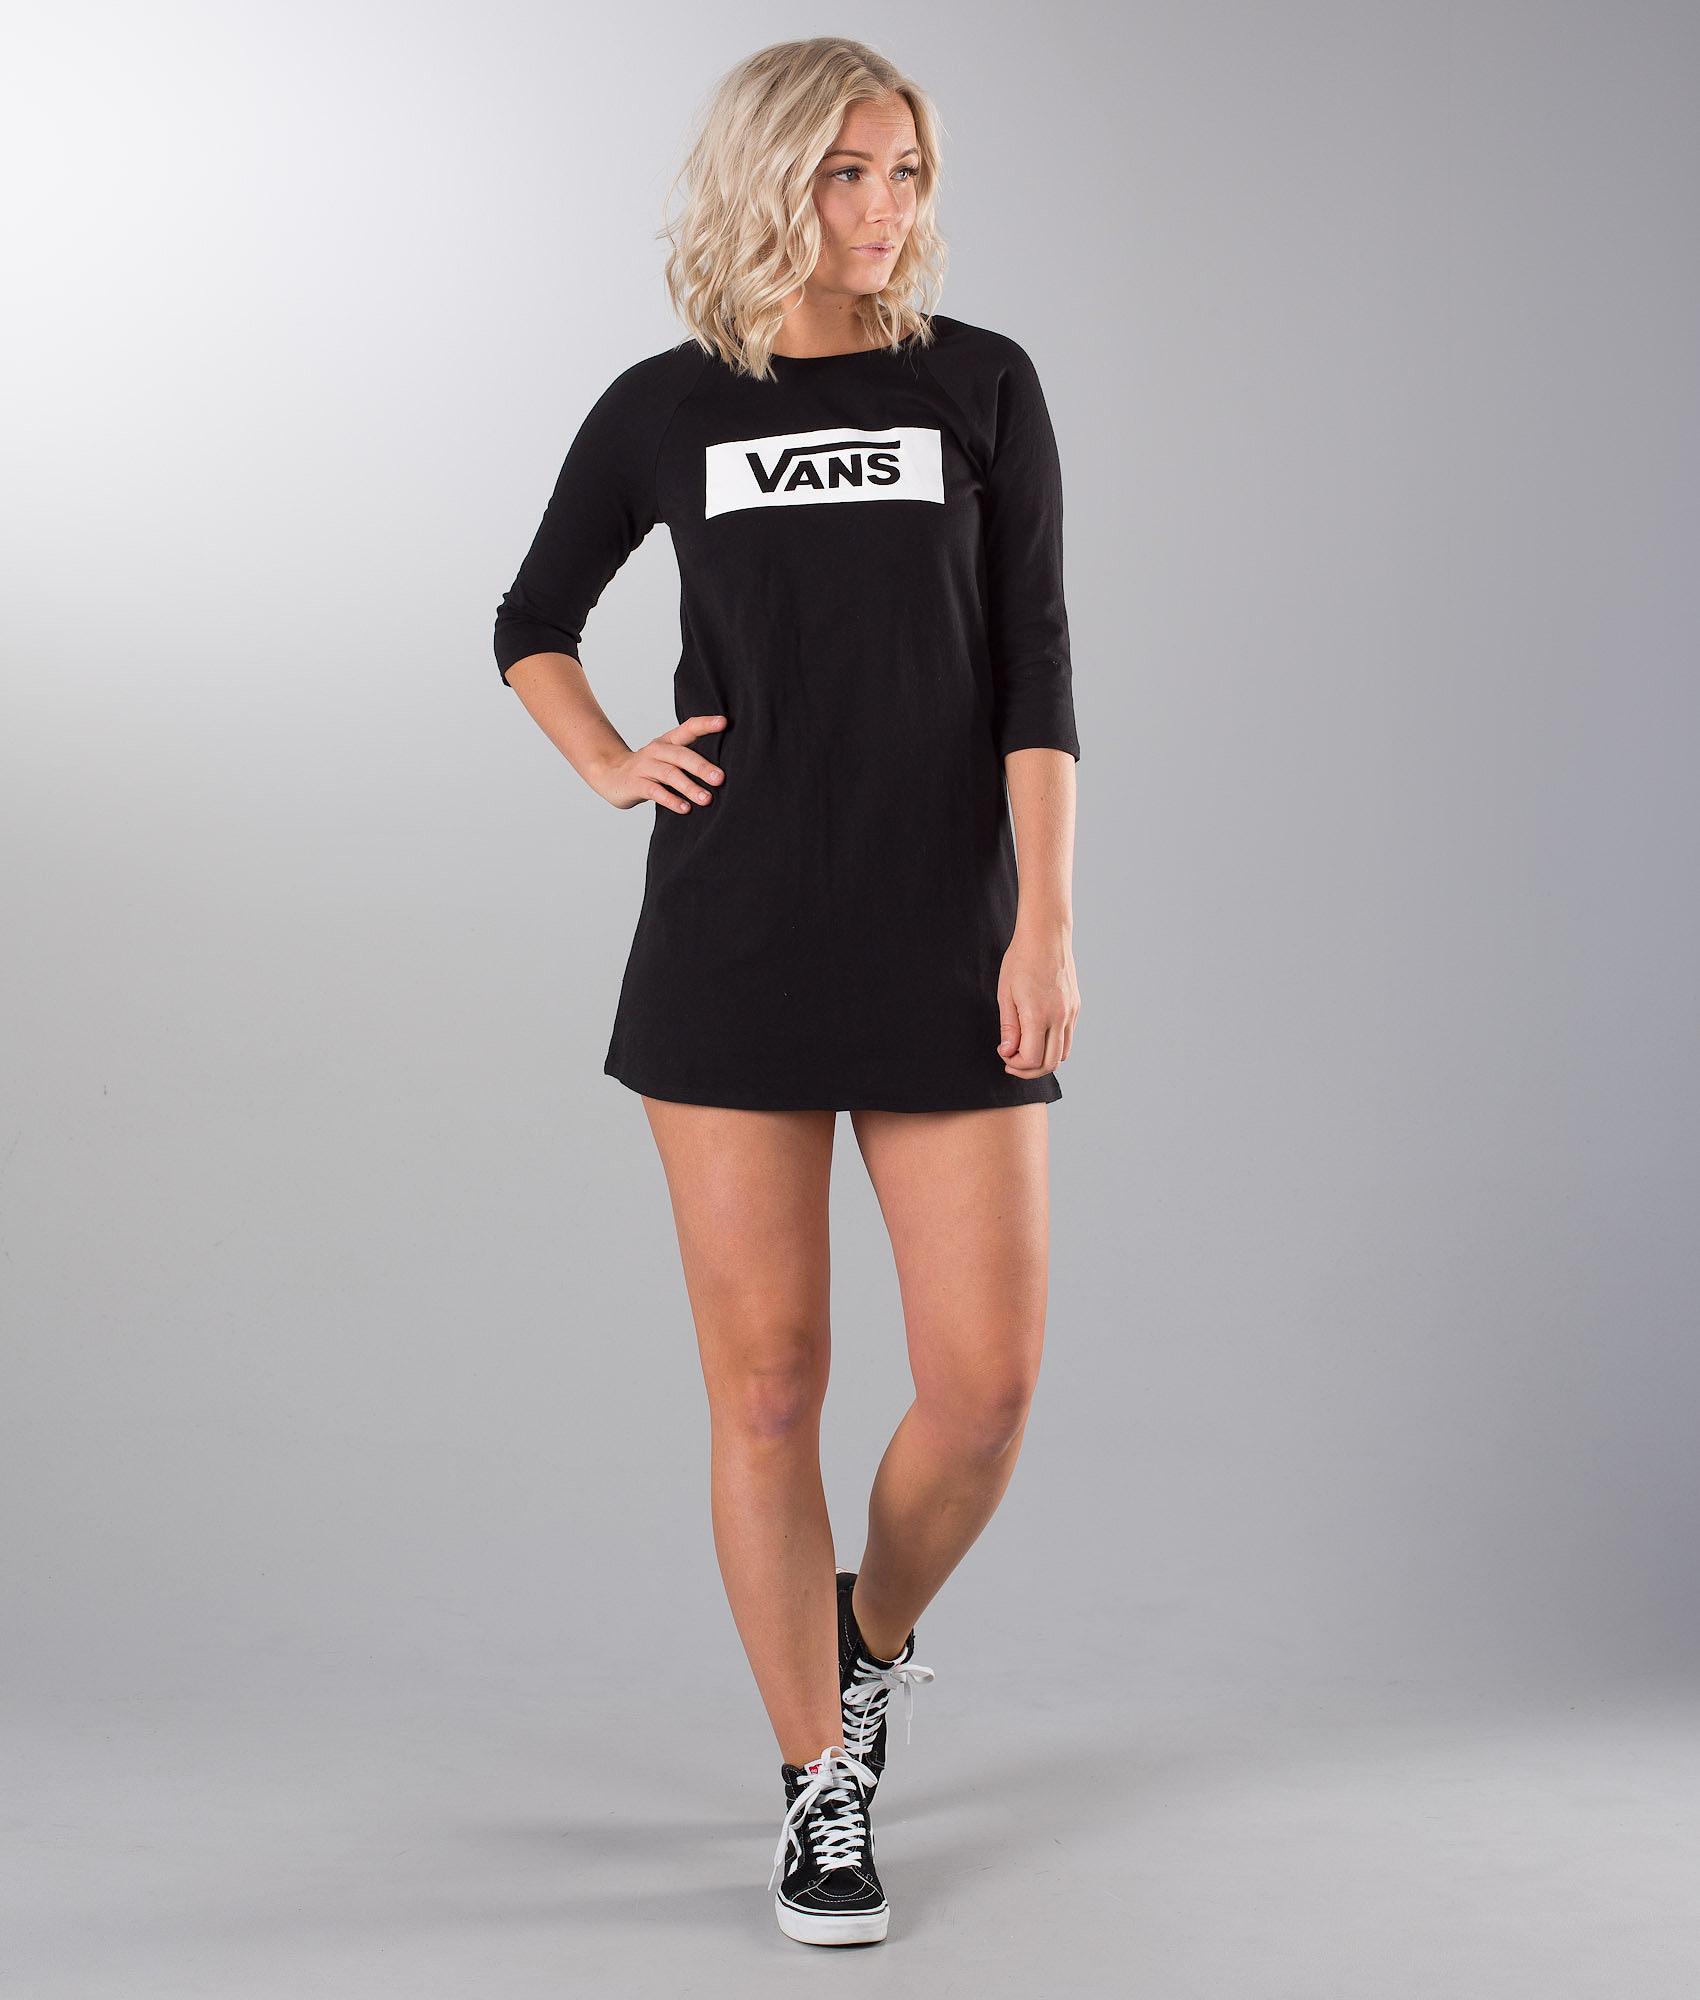 a6d3b779985 Vans Open Road Raglan Dress Black - Ridestore.com